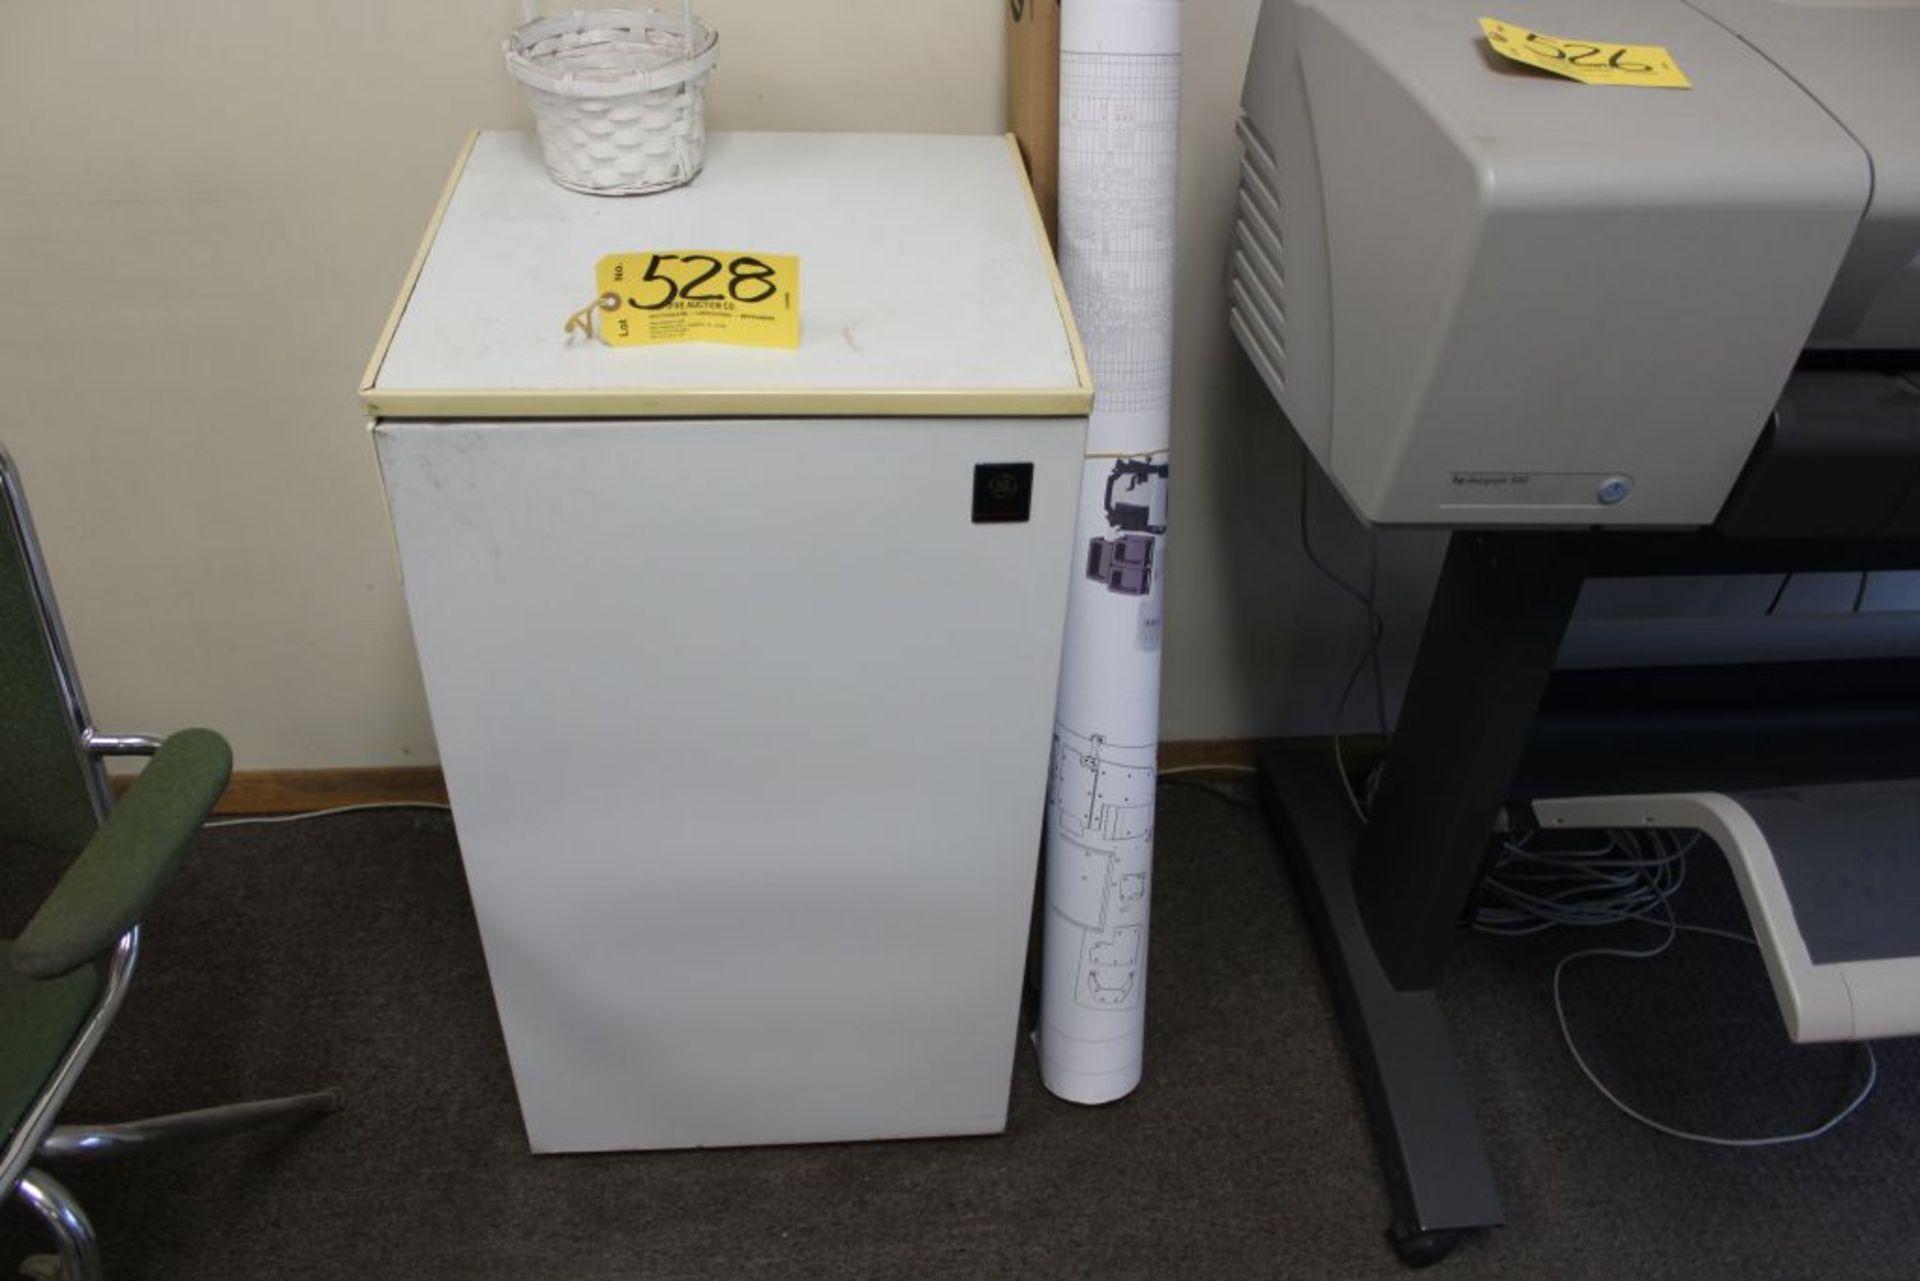 Lot 528 - G.E dorm fridge.